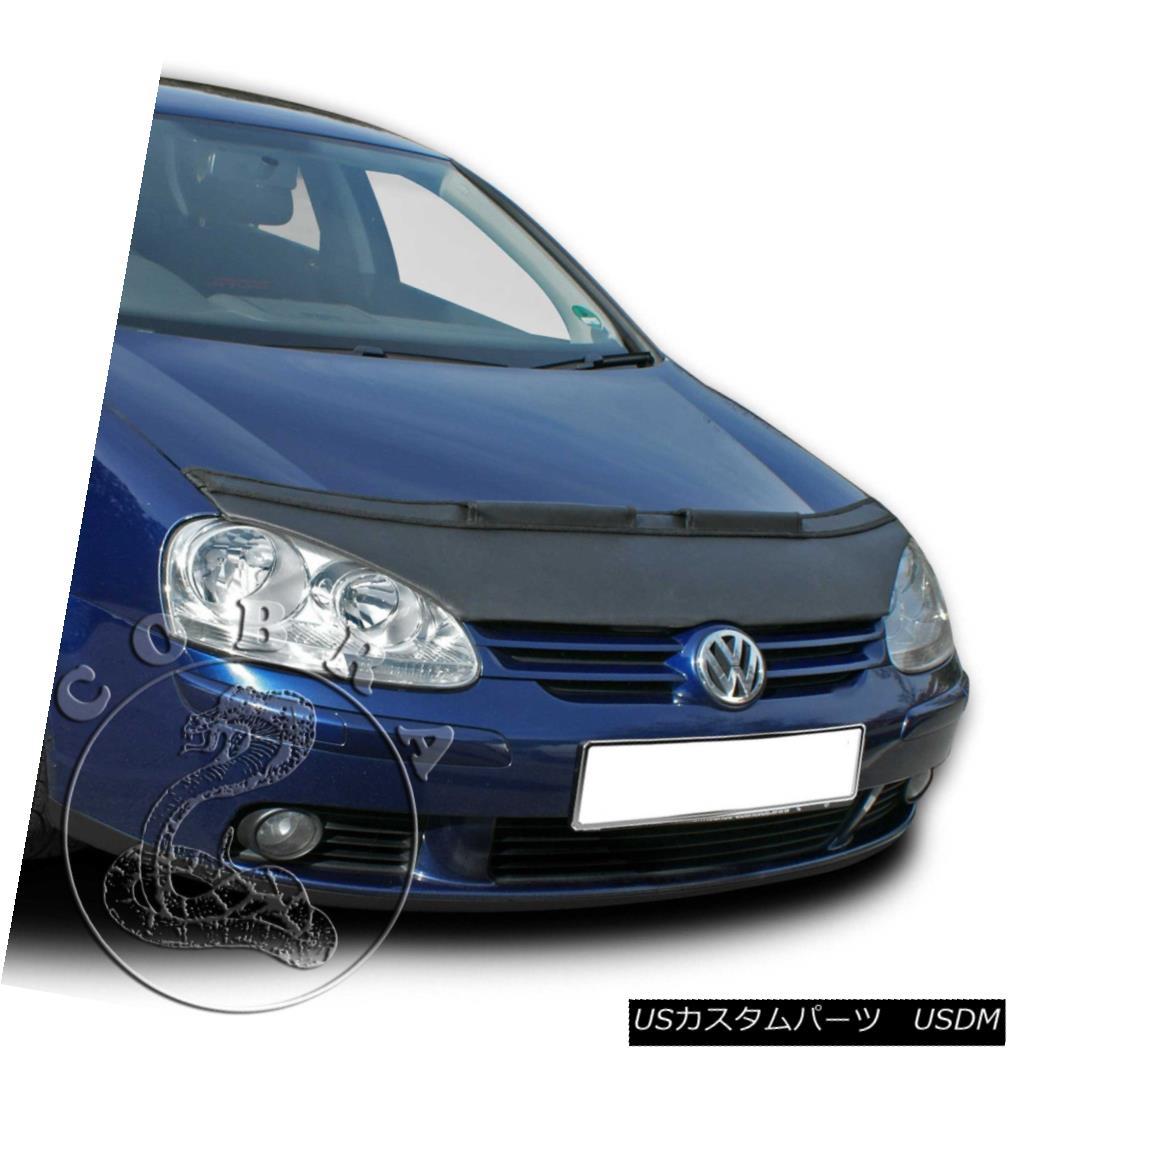 フルブラ ノーズブラ Car Bonnet Hood Bra Fits Volkswagen Golf 5 V MK5 GTI GLI 2006 06 07 08 09 2009 車ボンネットフードブラはフォルクスワーゲンゴルフ5 V MK5 GTI GLI 2006 06 07 08 09に適合